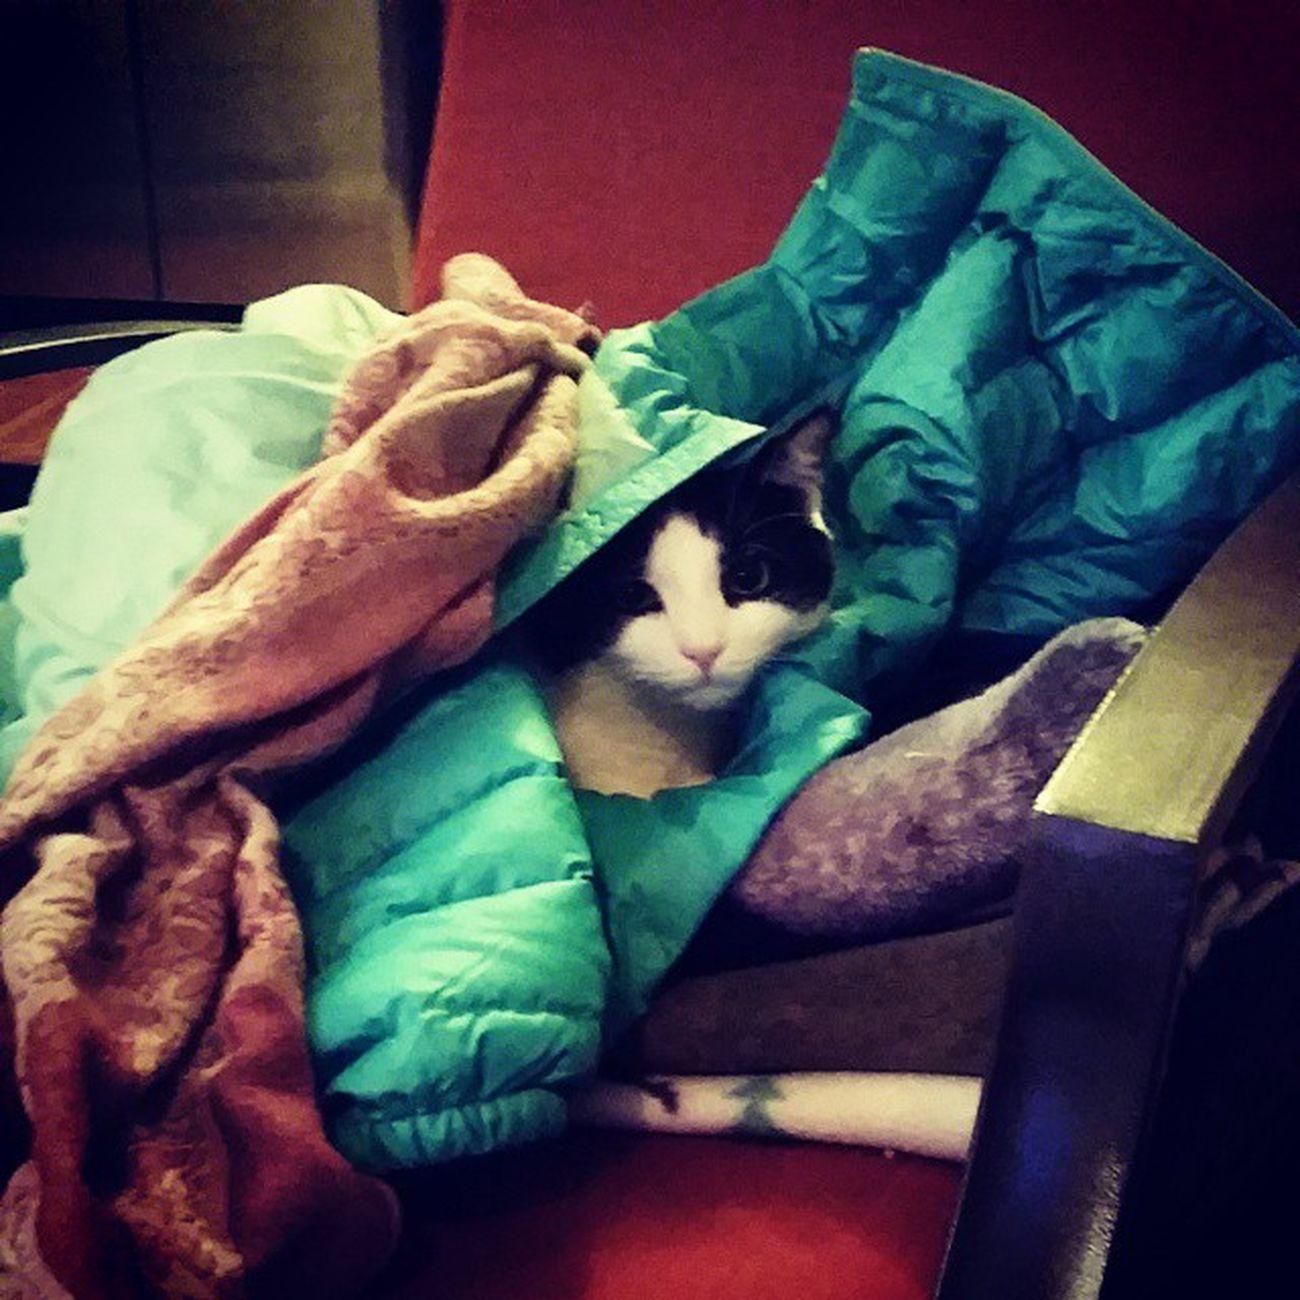 Richardthecat is snuggled up in my coat. Icantstandthecuteness Catsofinstagram Lovethiscat